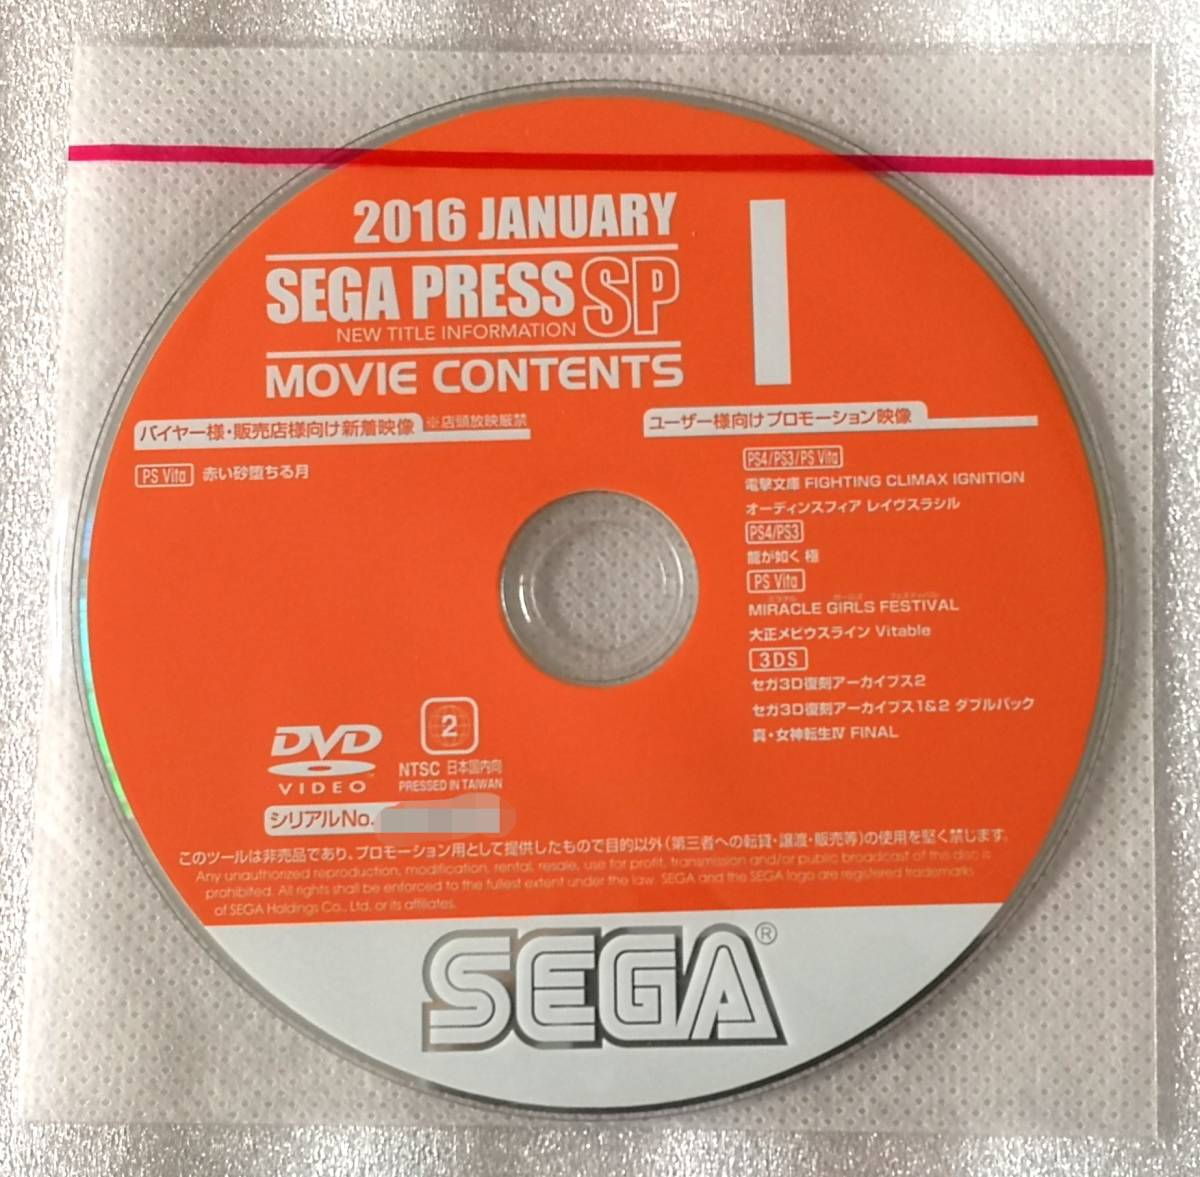 【非売品】 『セガ201601』 真・女神転生Ⅳファイナル、龍が如く極、3D復刻アーカイブ等収録多数 プロモーションDVD 同梱歓迎_画像1